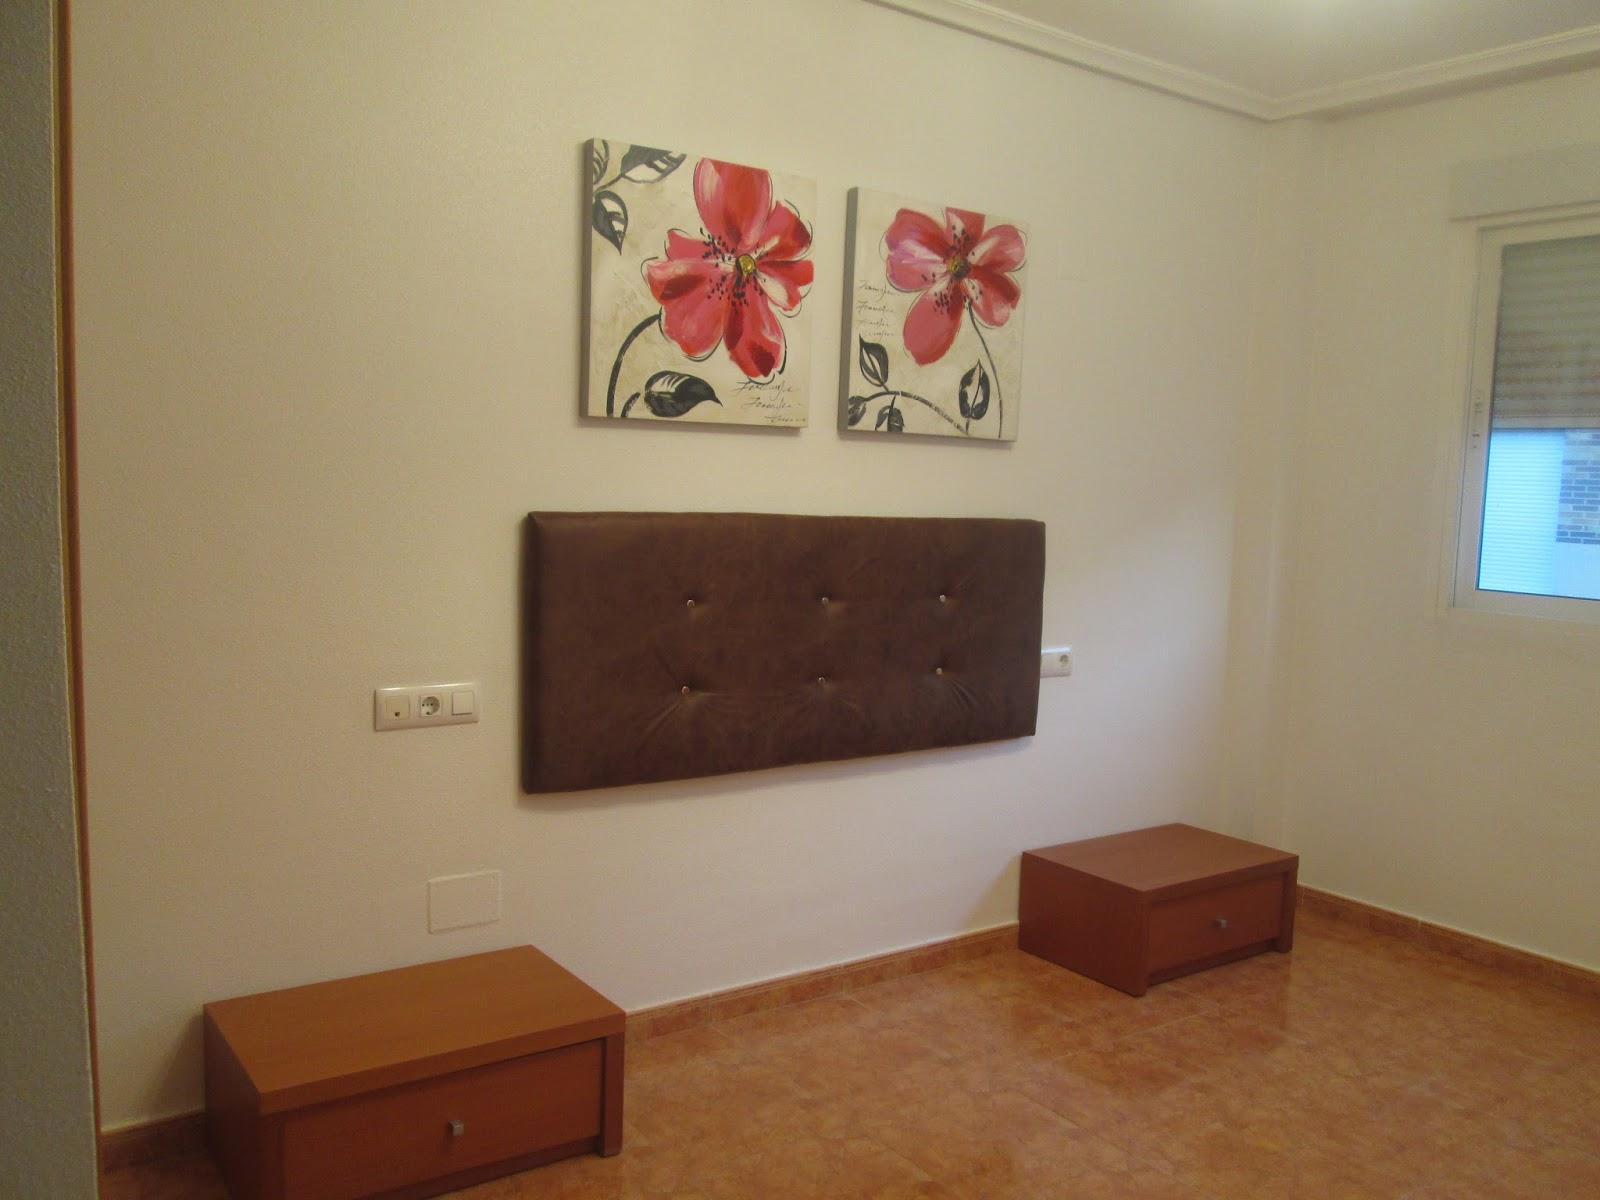 Muebles arcecoll piso completo 3500 - Piso completo muebles ...